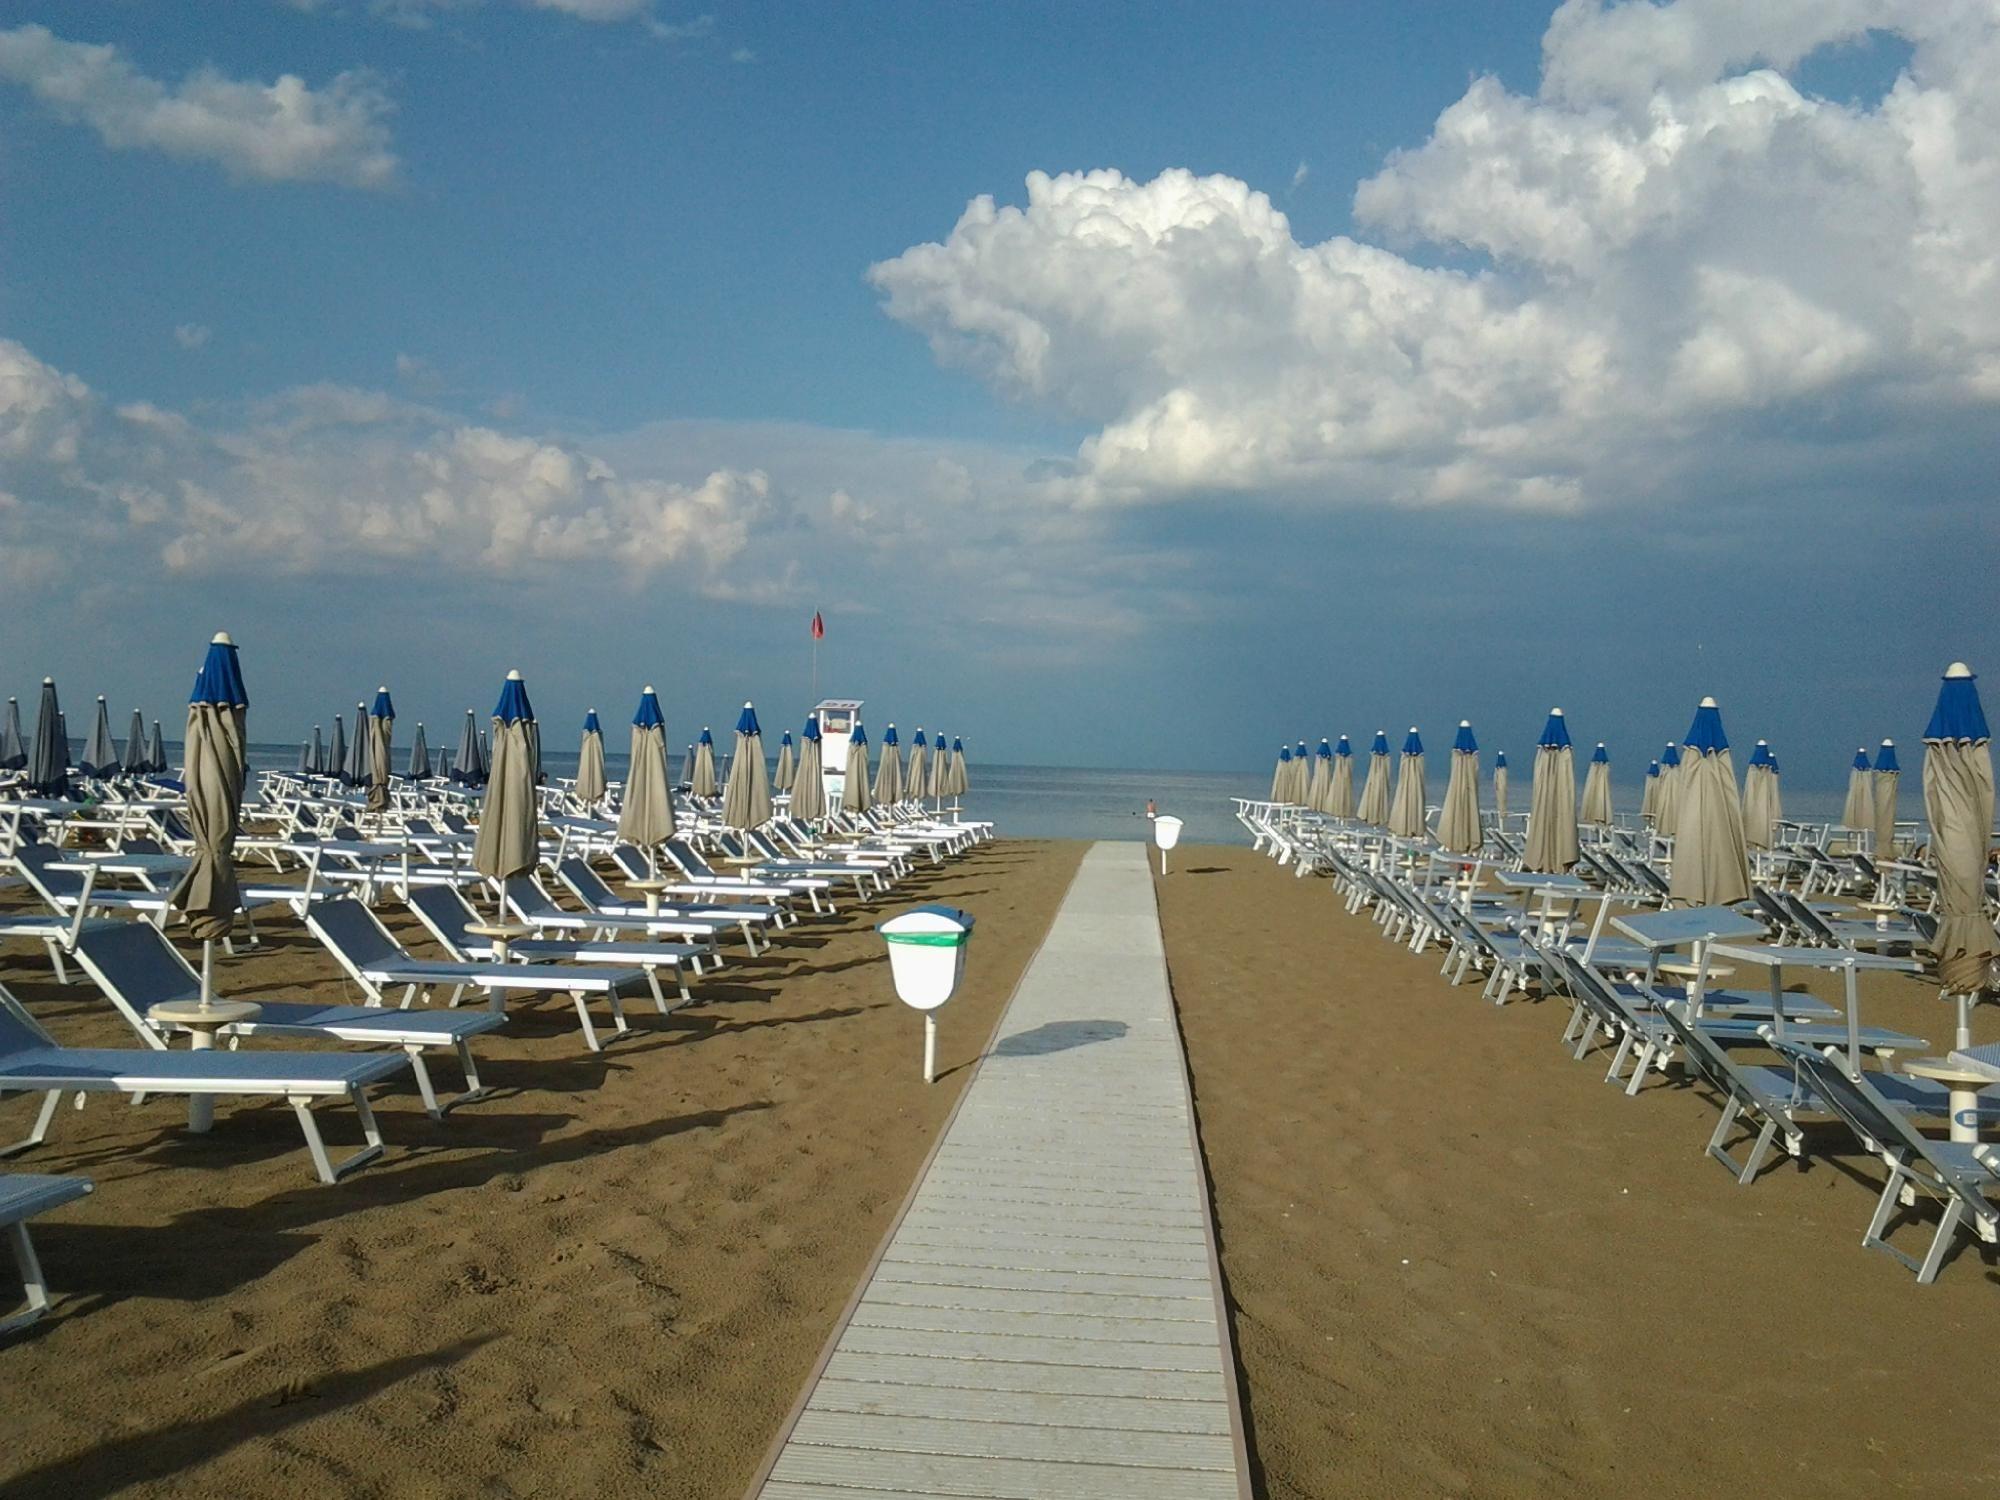 Bagno Italia - Cervia, Italy | İtaly | Pinterest | Ravenna and Italia